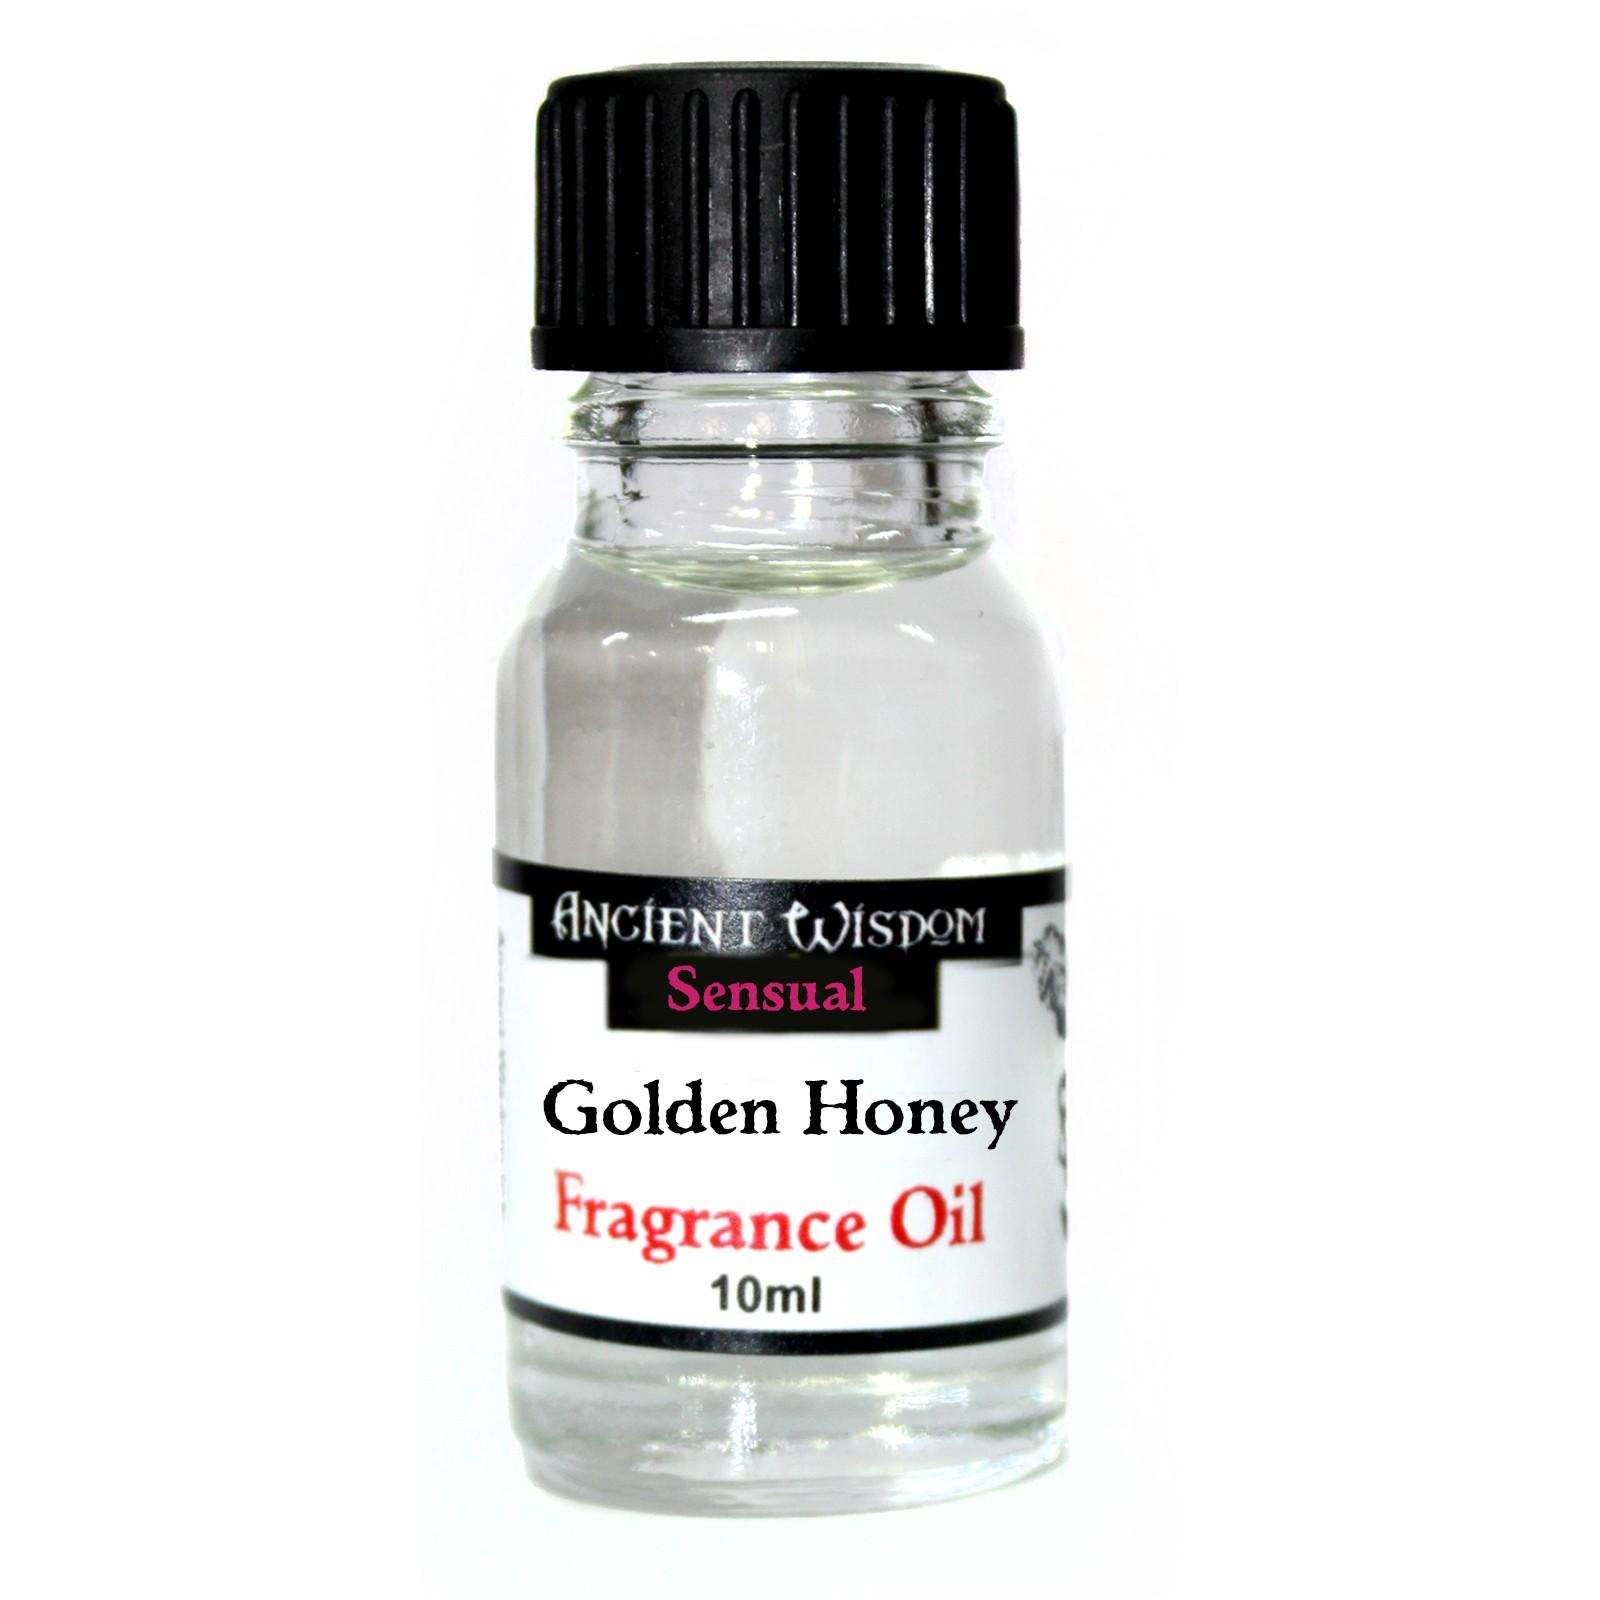 10ml Golden Honey Fragrance Oil